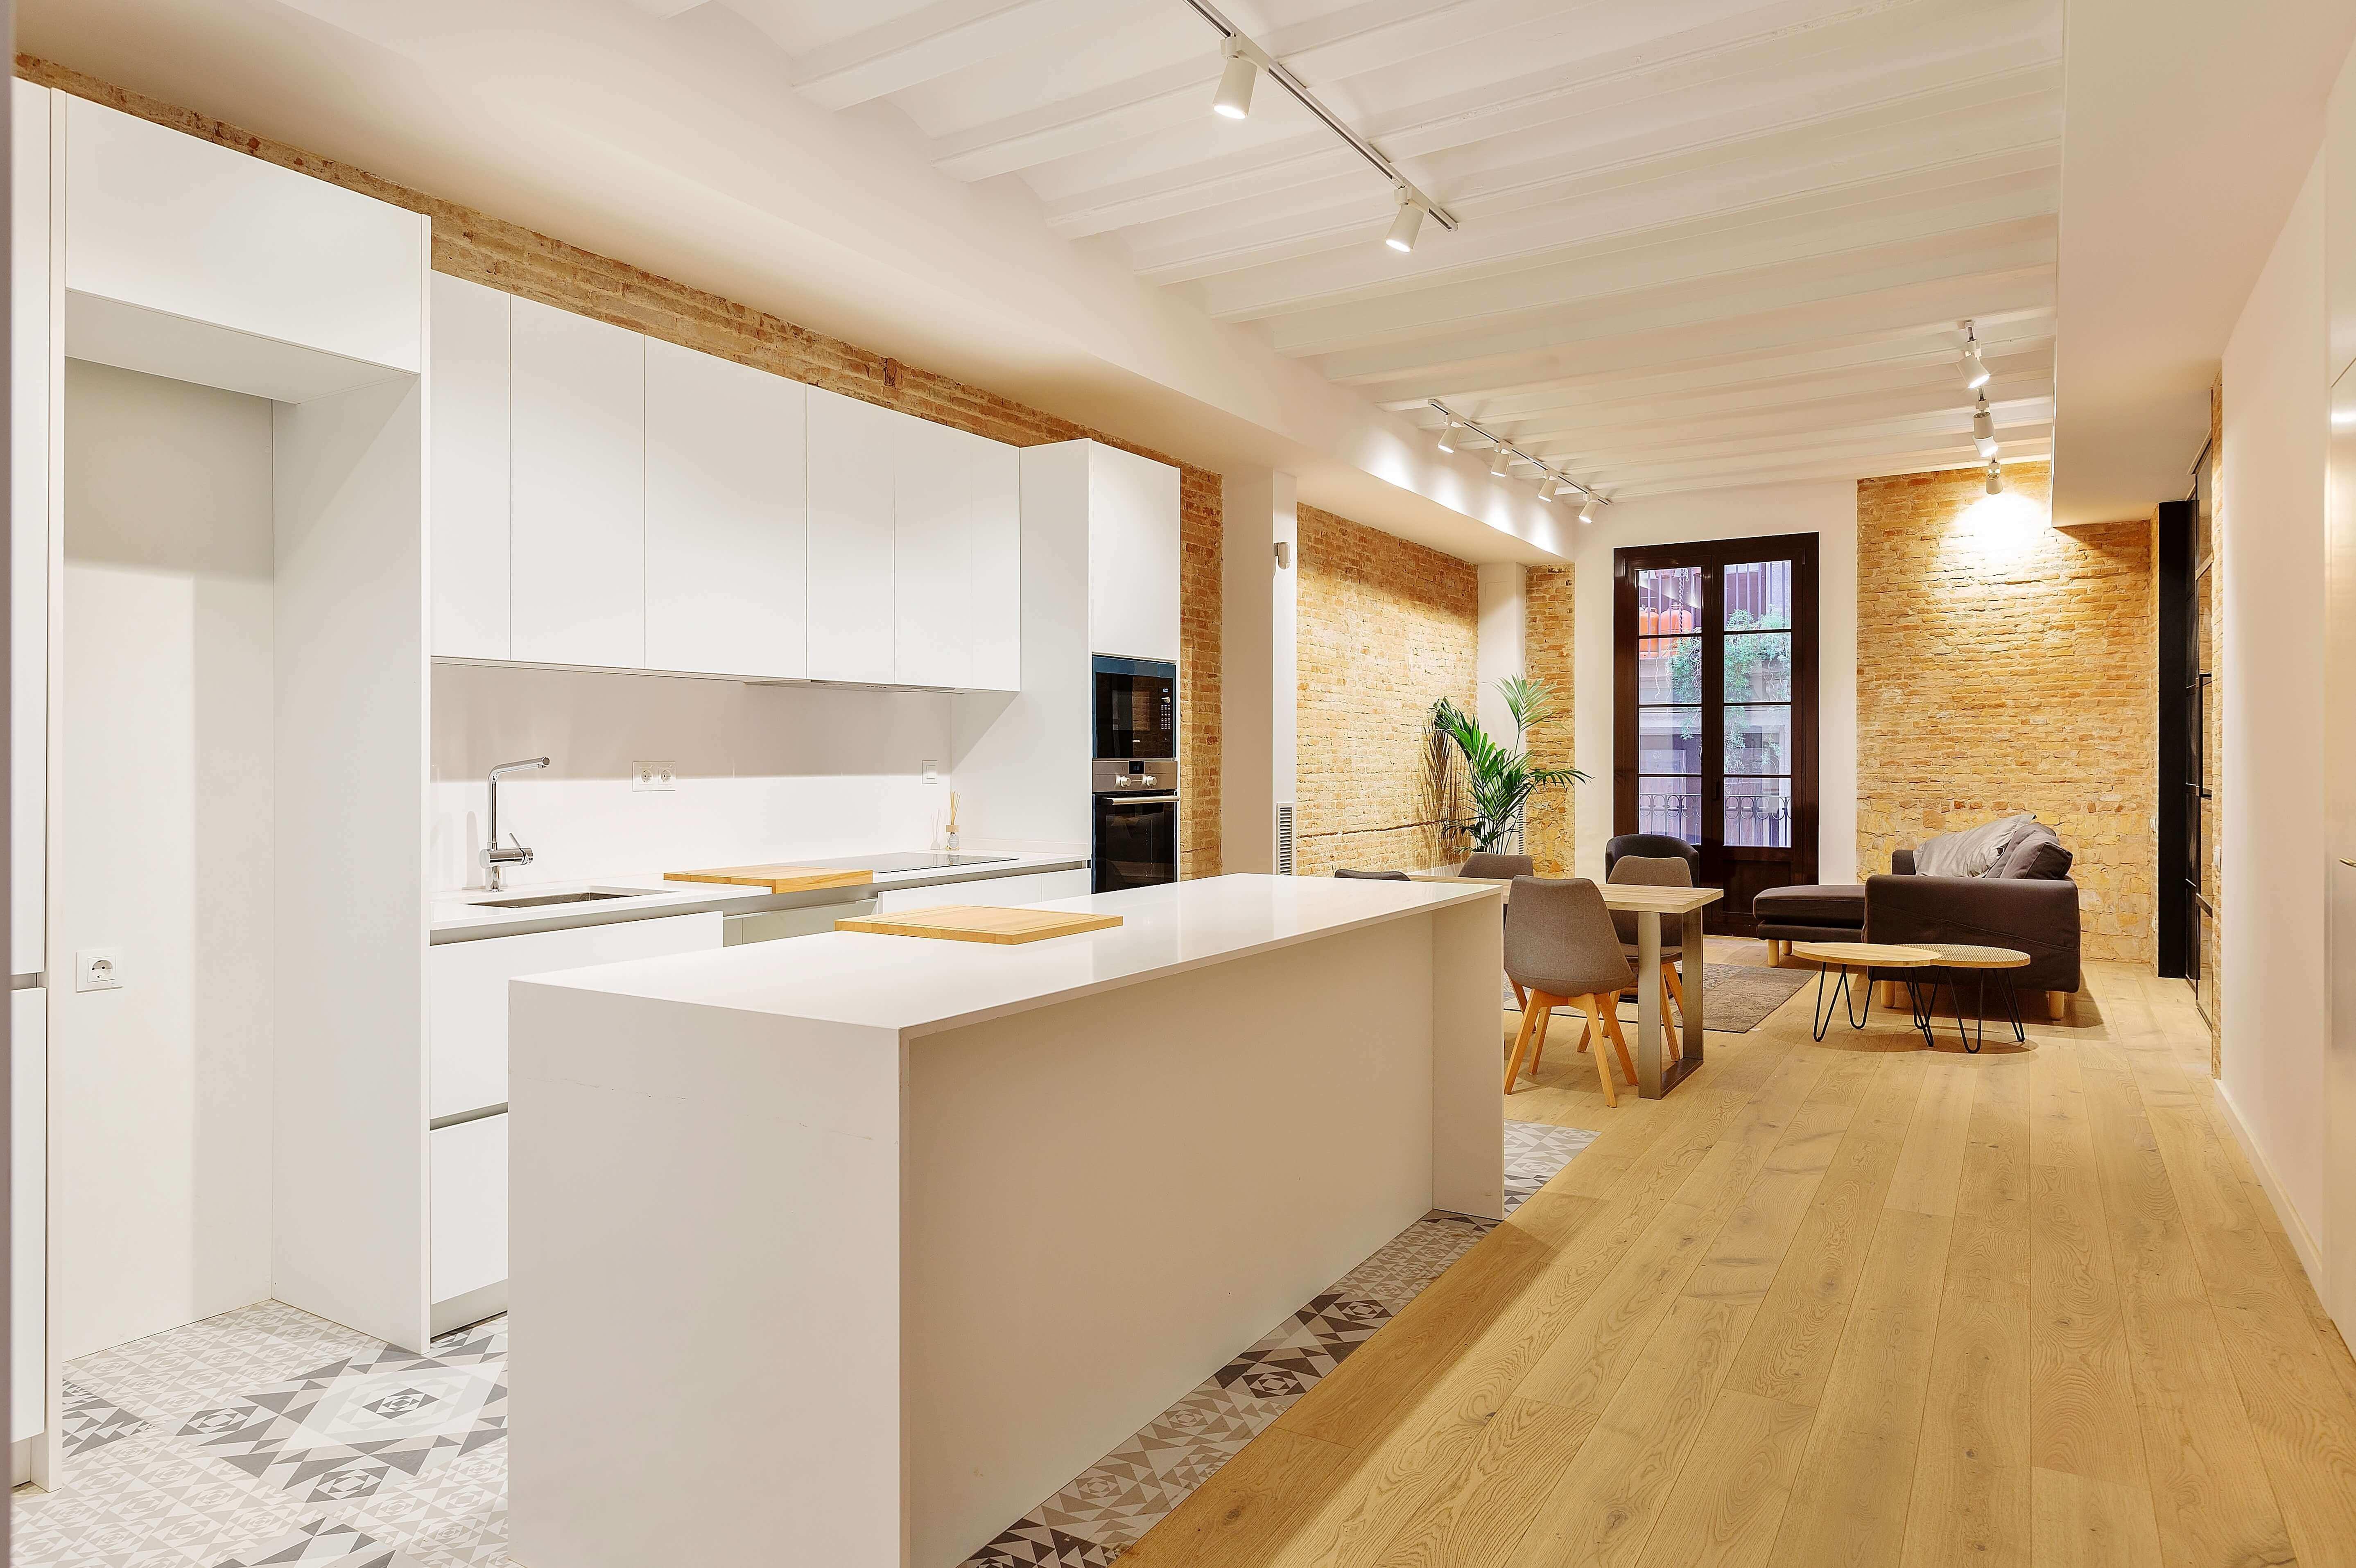 Exquisito piso de obra nueva en venta de dos habitaciones junto Plaça Medinaceli